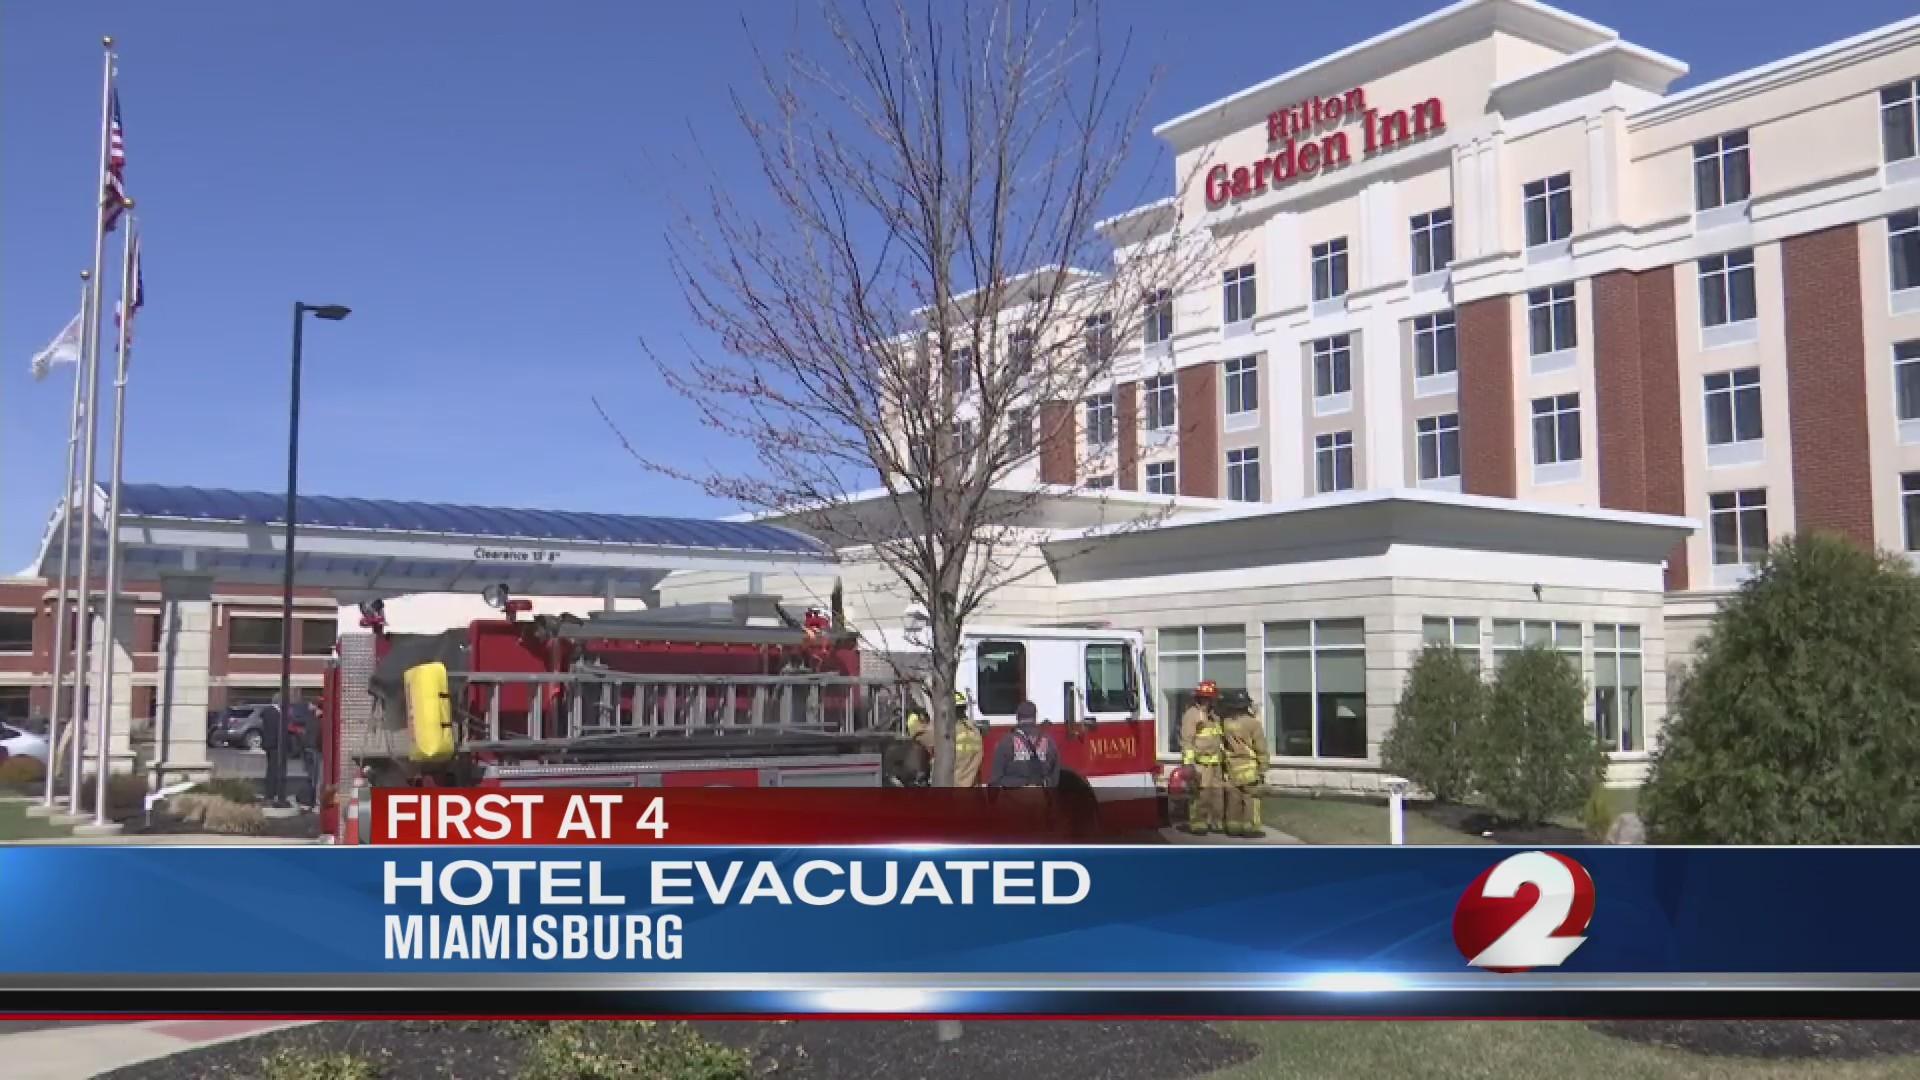 Hotel evacuated in Miamisburg